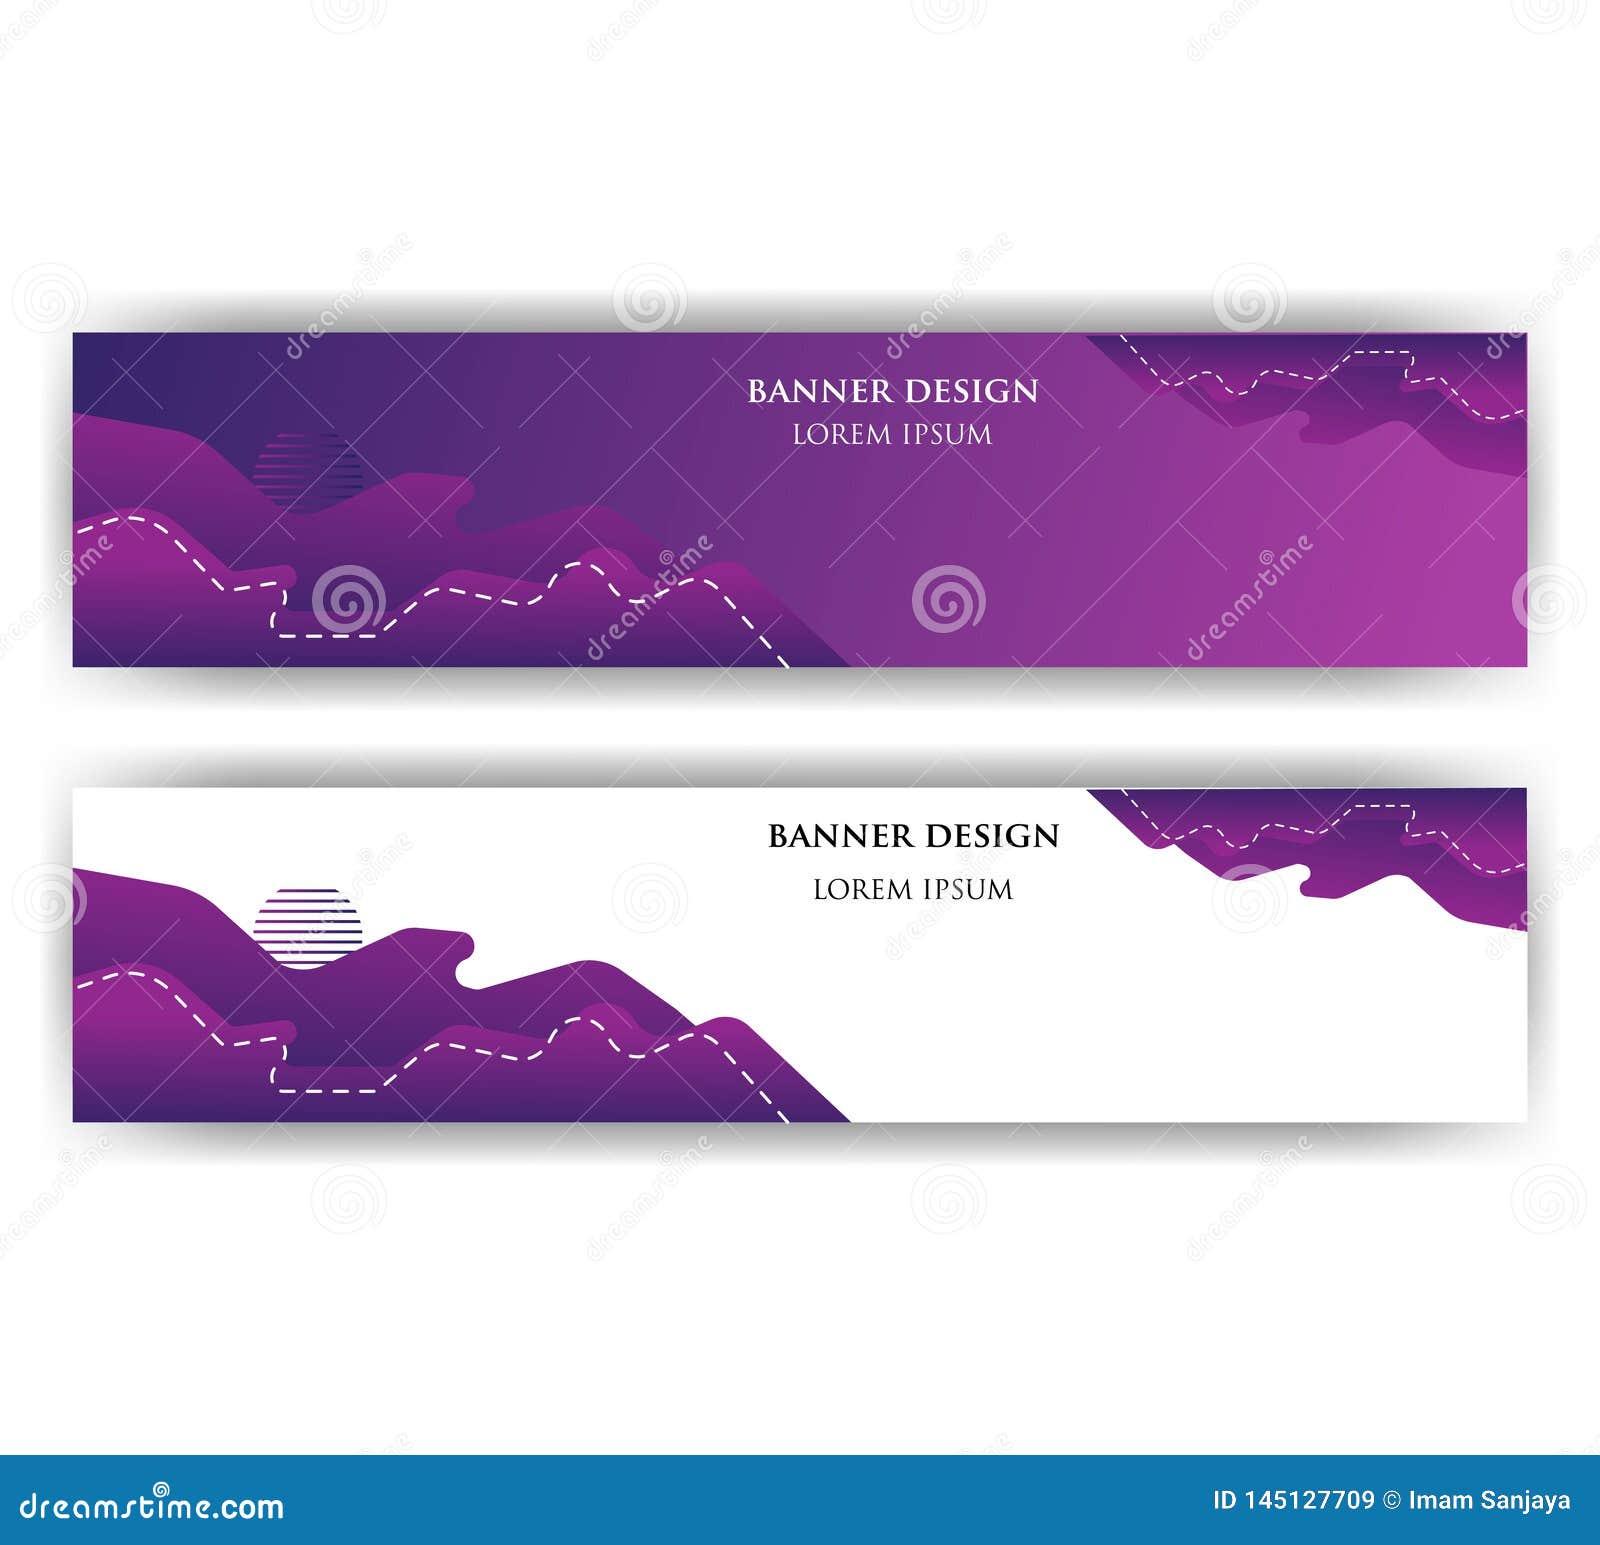 Έμβλημα με το αφηρημένο σχέδιο Η εικόνα μπορεί να χρησιμοποιηθεί για να σχεδιάσει ένα banne